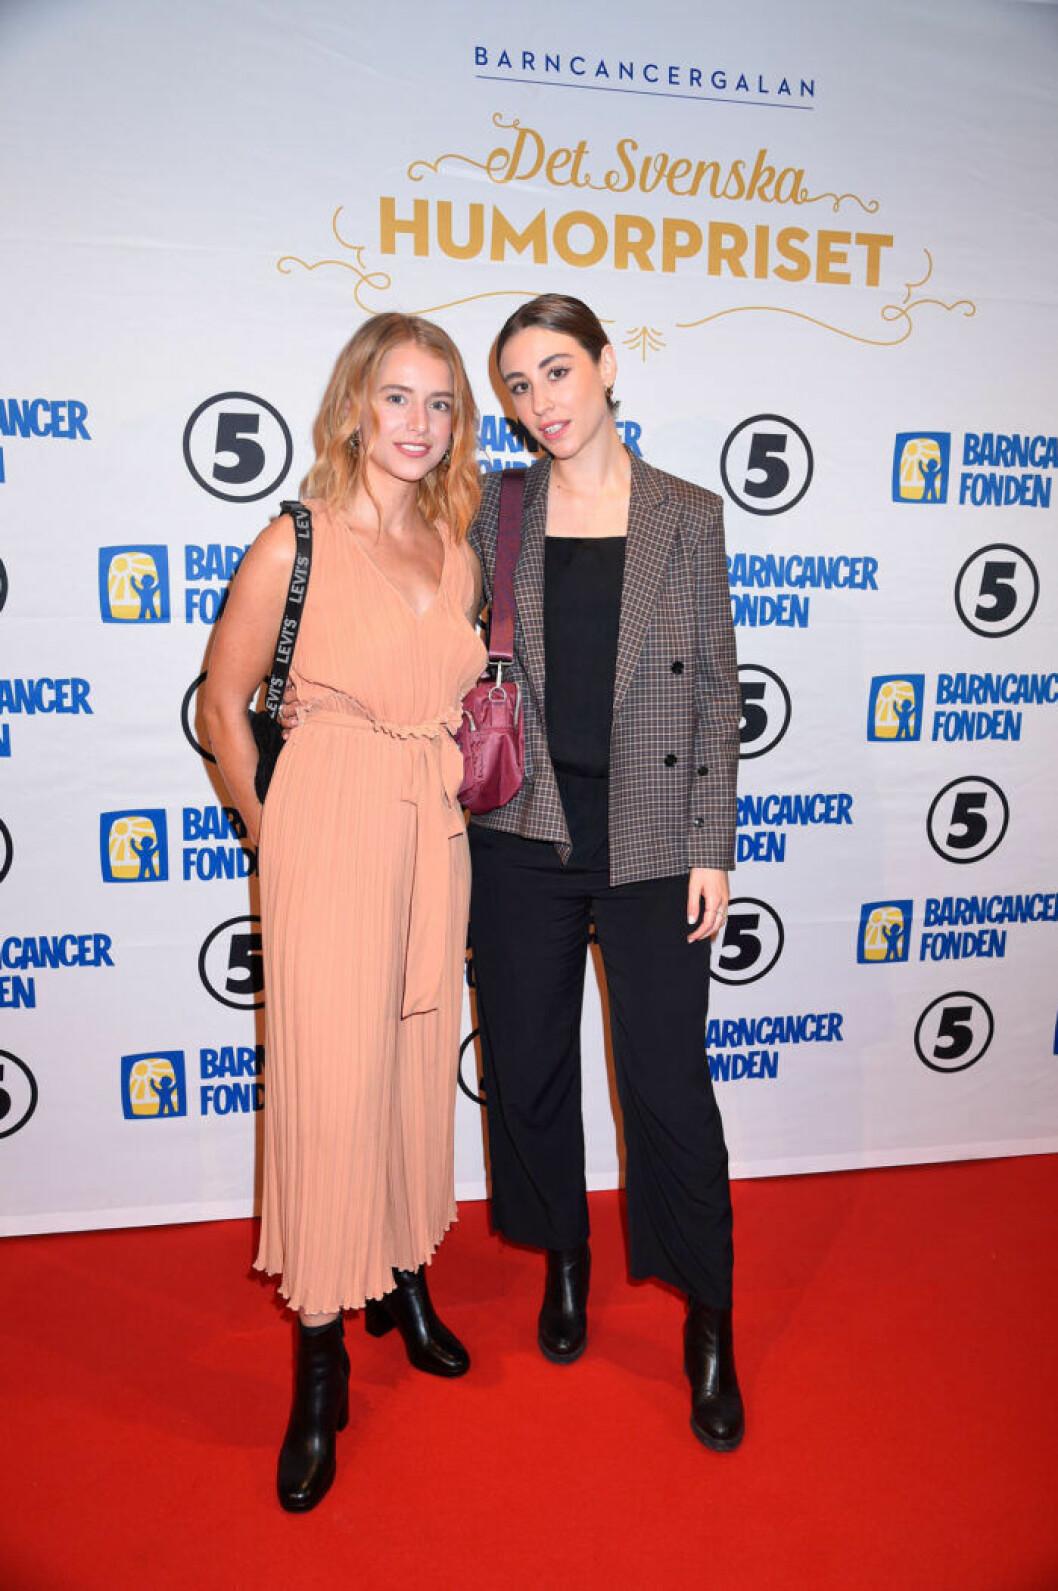 Clara Henry och Madeleine Martin på röda mattan på Barncancergalan 2019